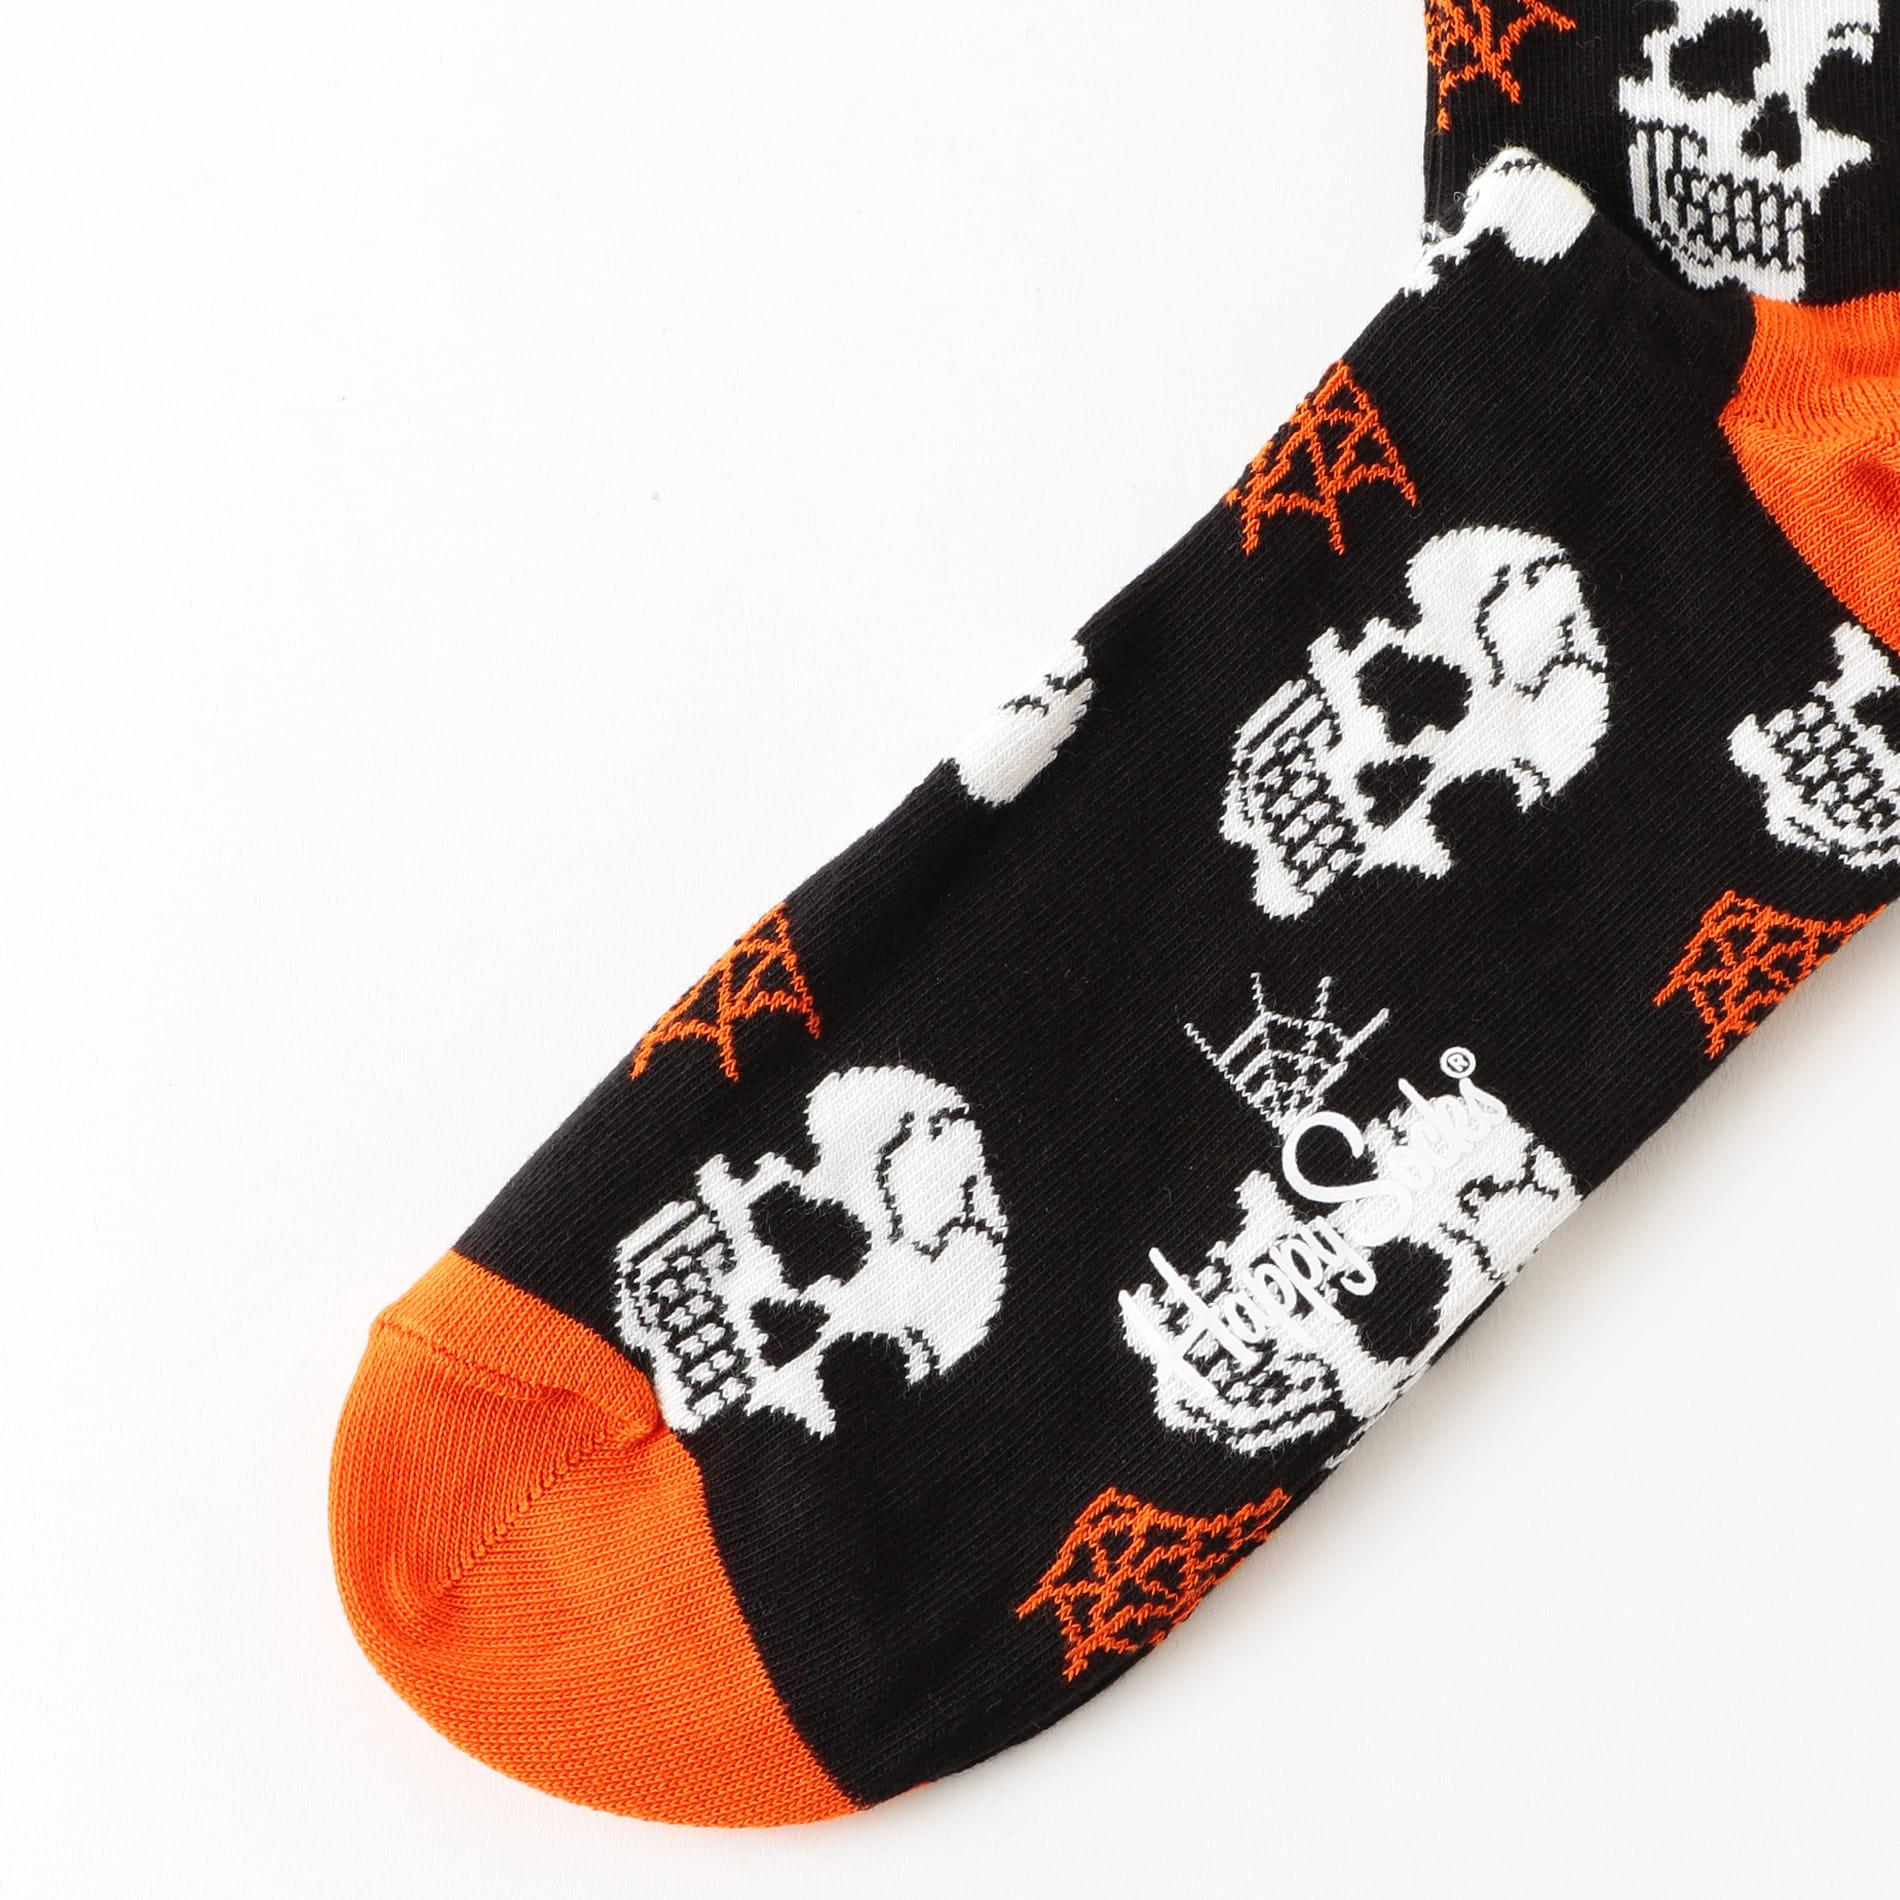 【HappySocks】MEN ソックス Halloween Skull HAL01-9000